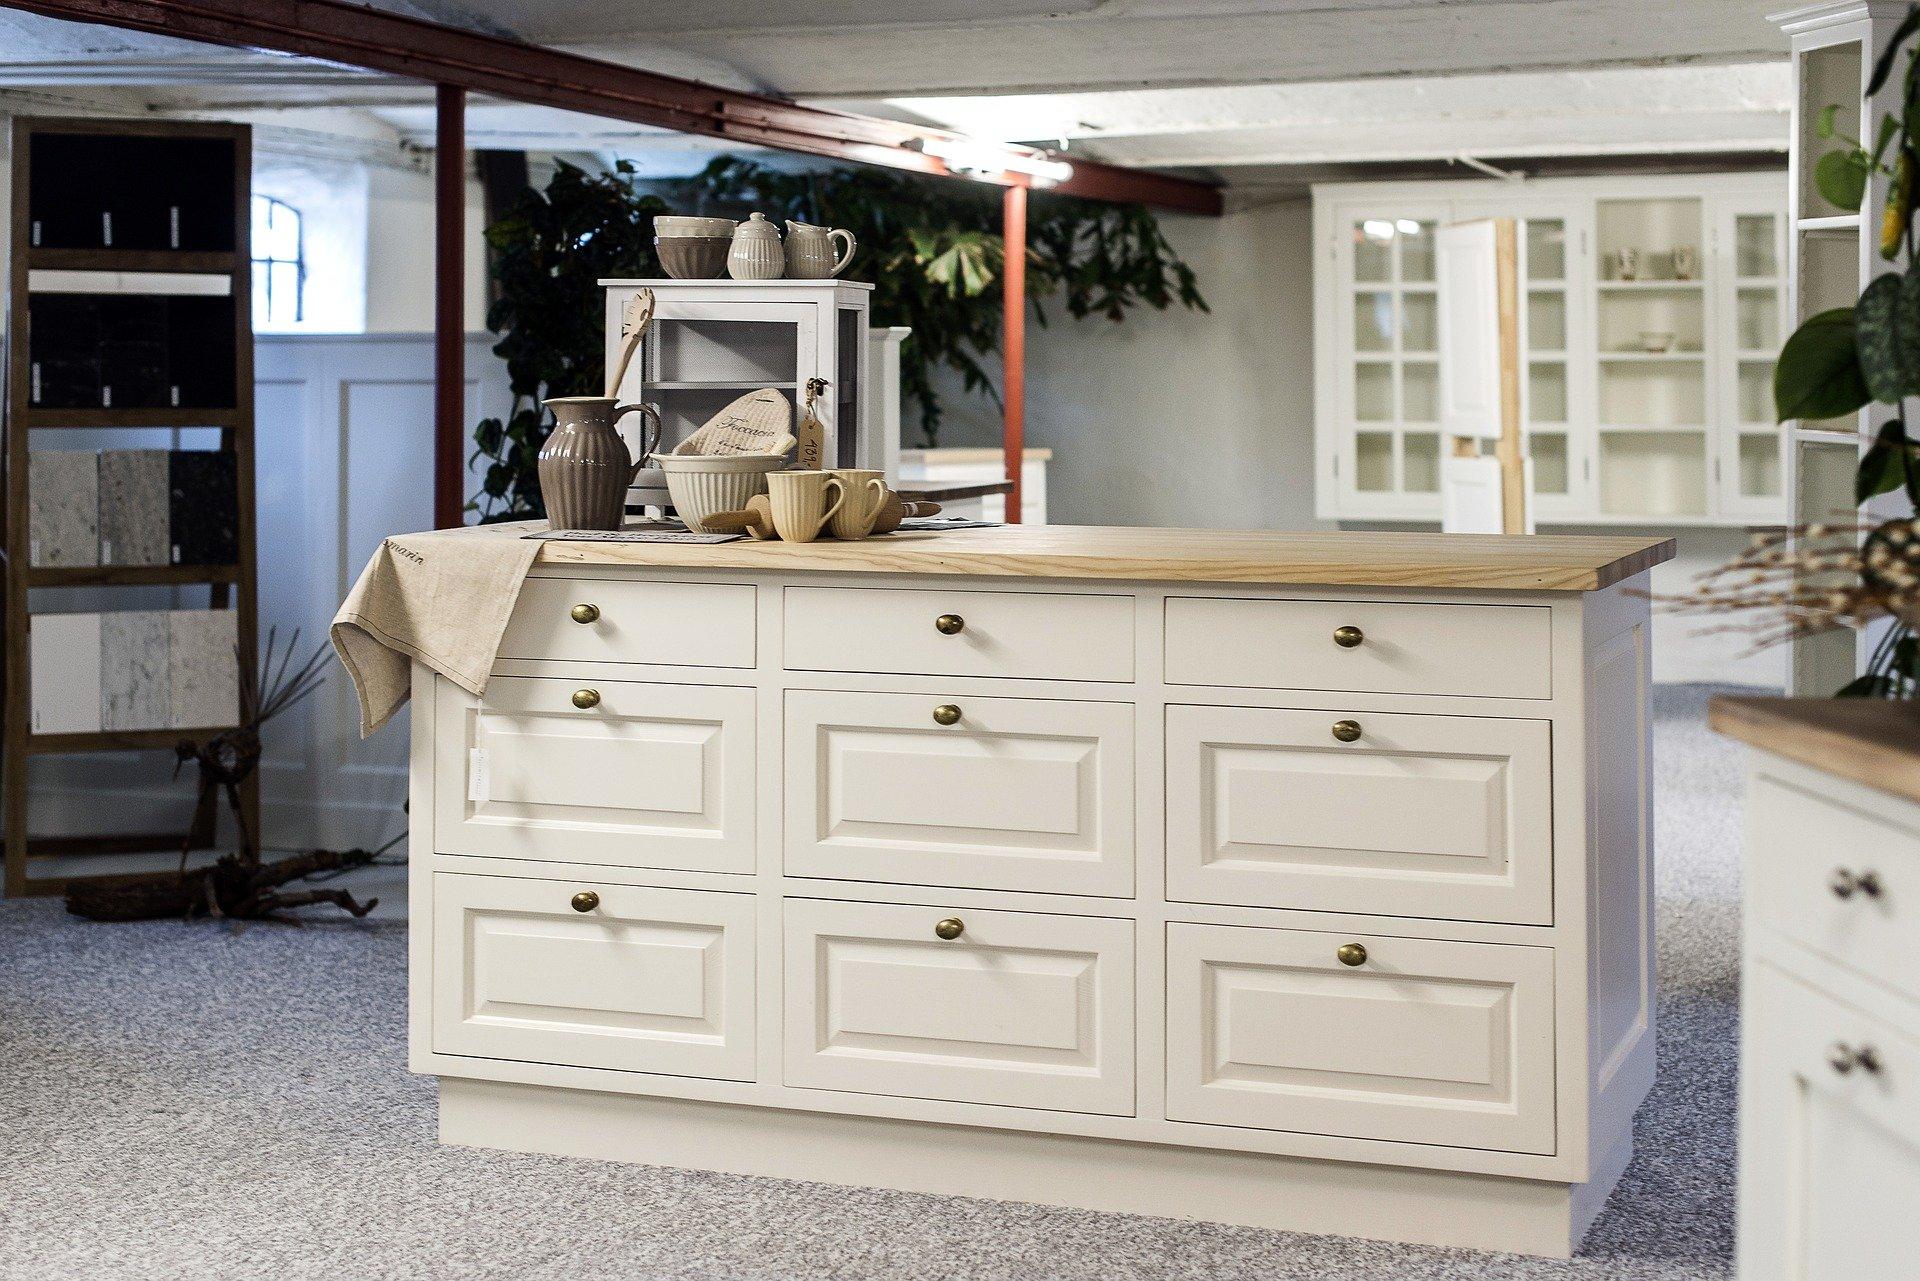 Comment donner un nouvel éclat aux armoires de cuisine ?